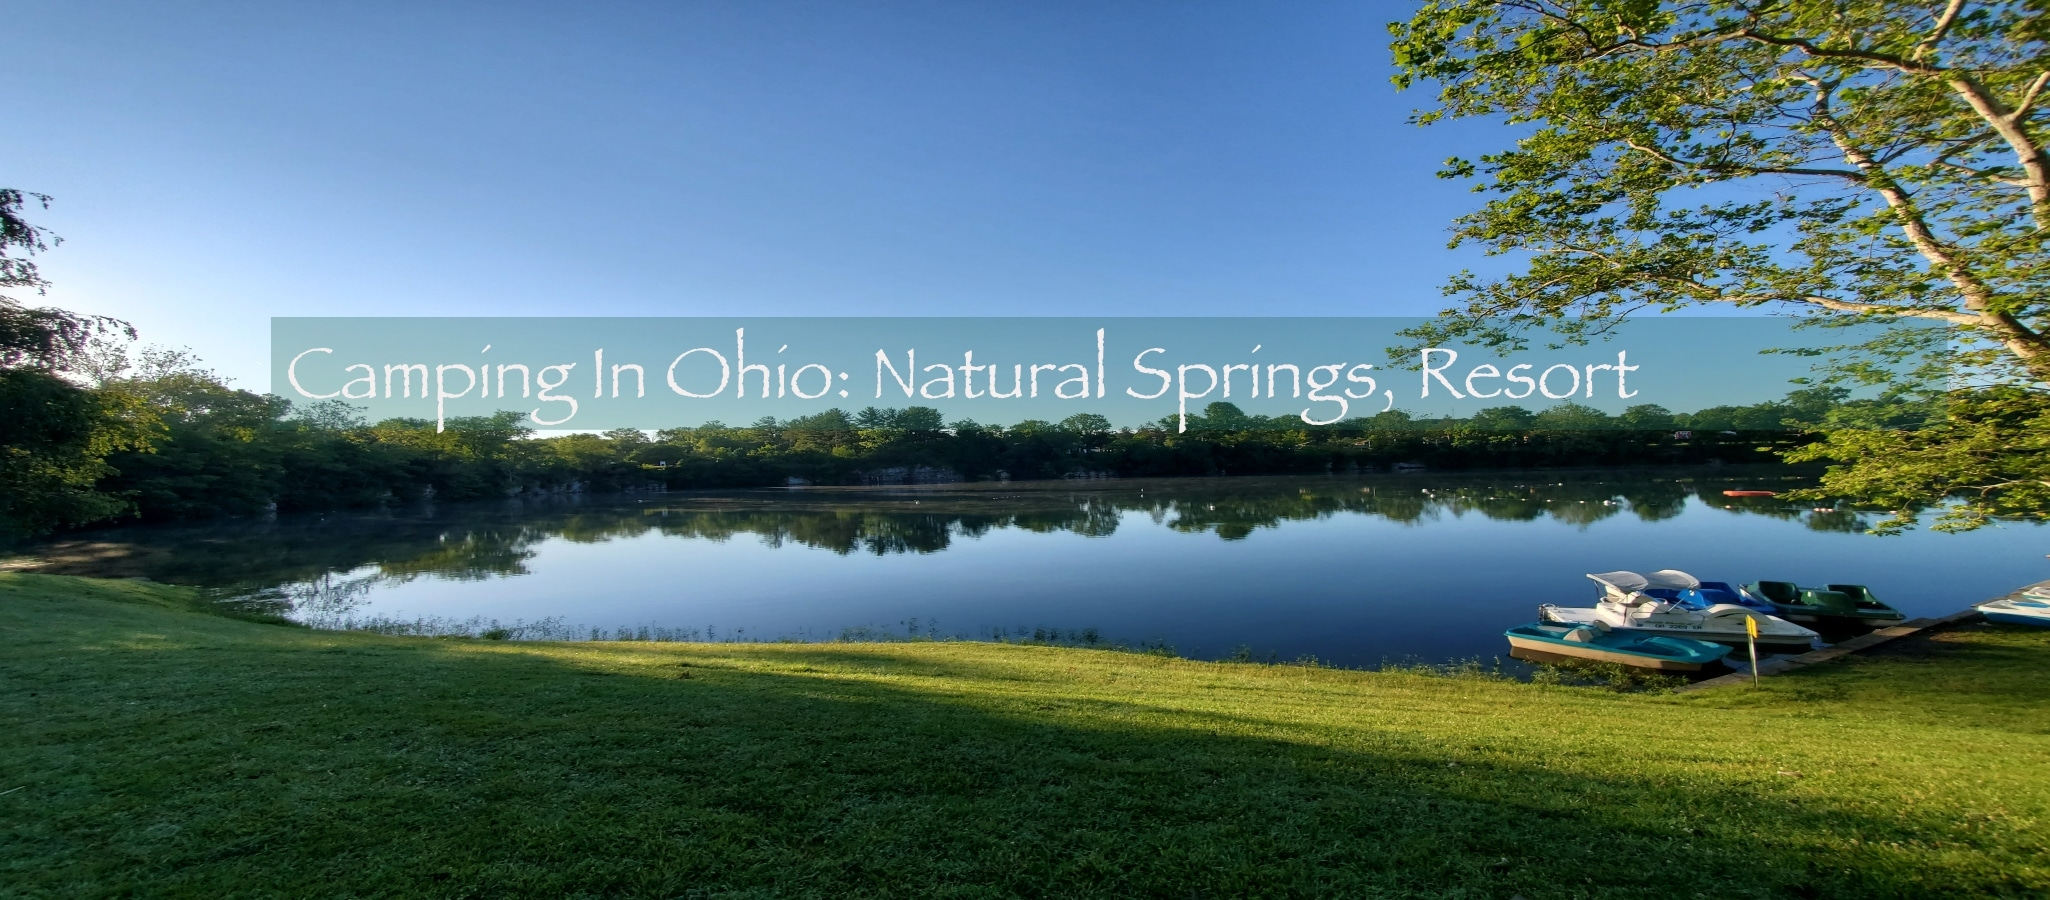 Camping In Ohio Natural Springs Resort